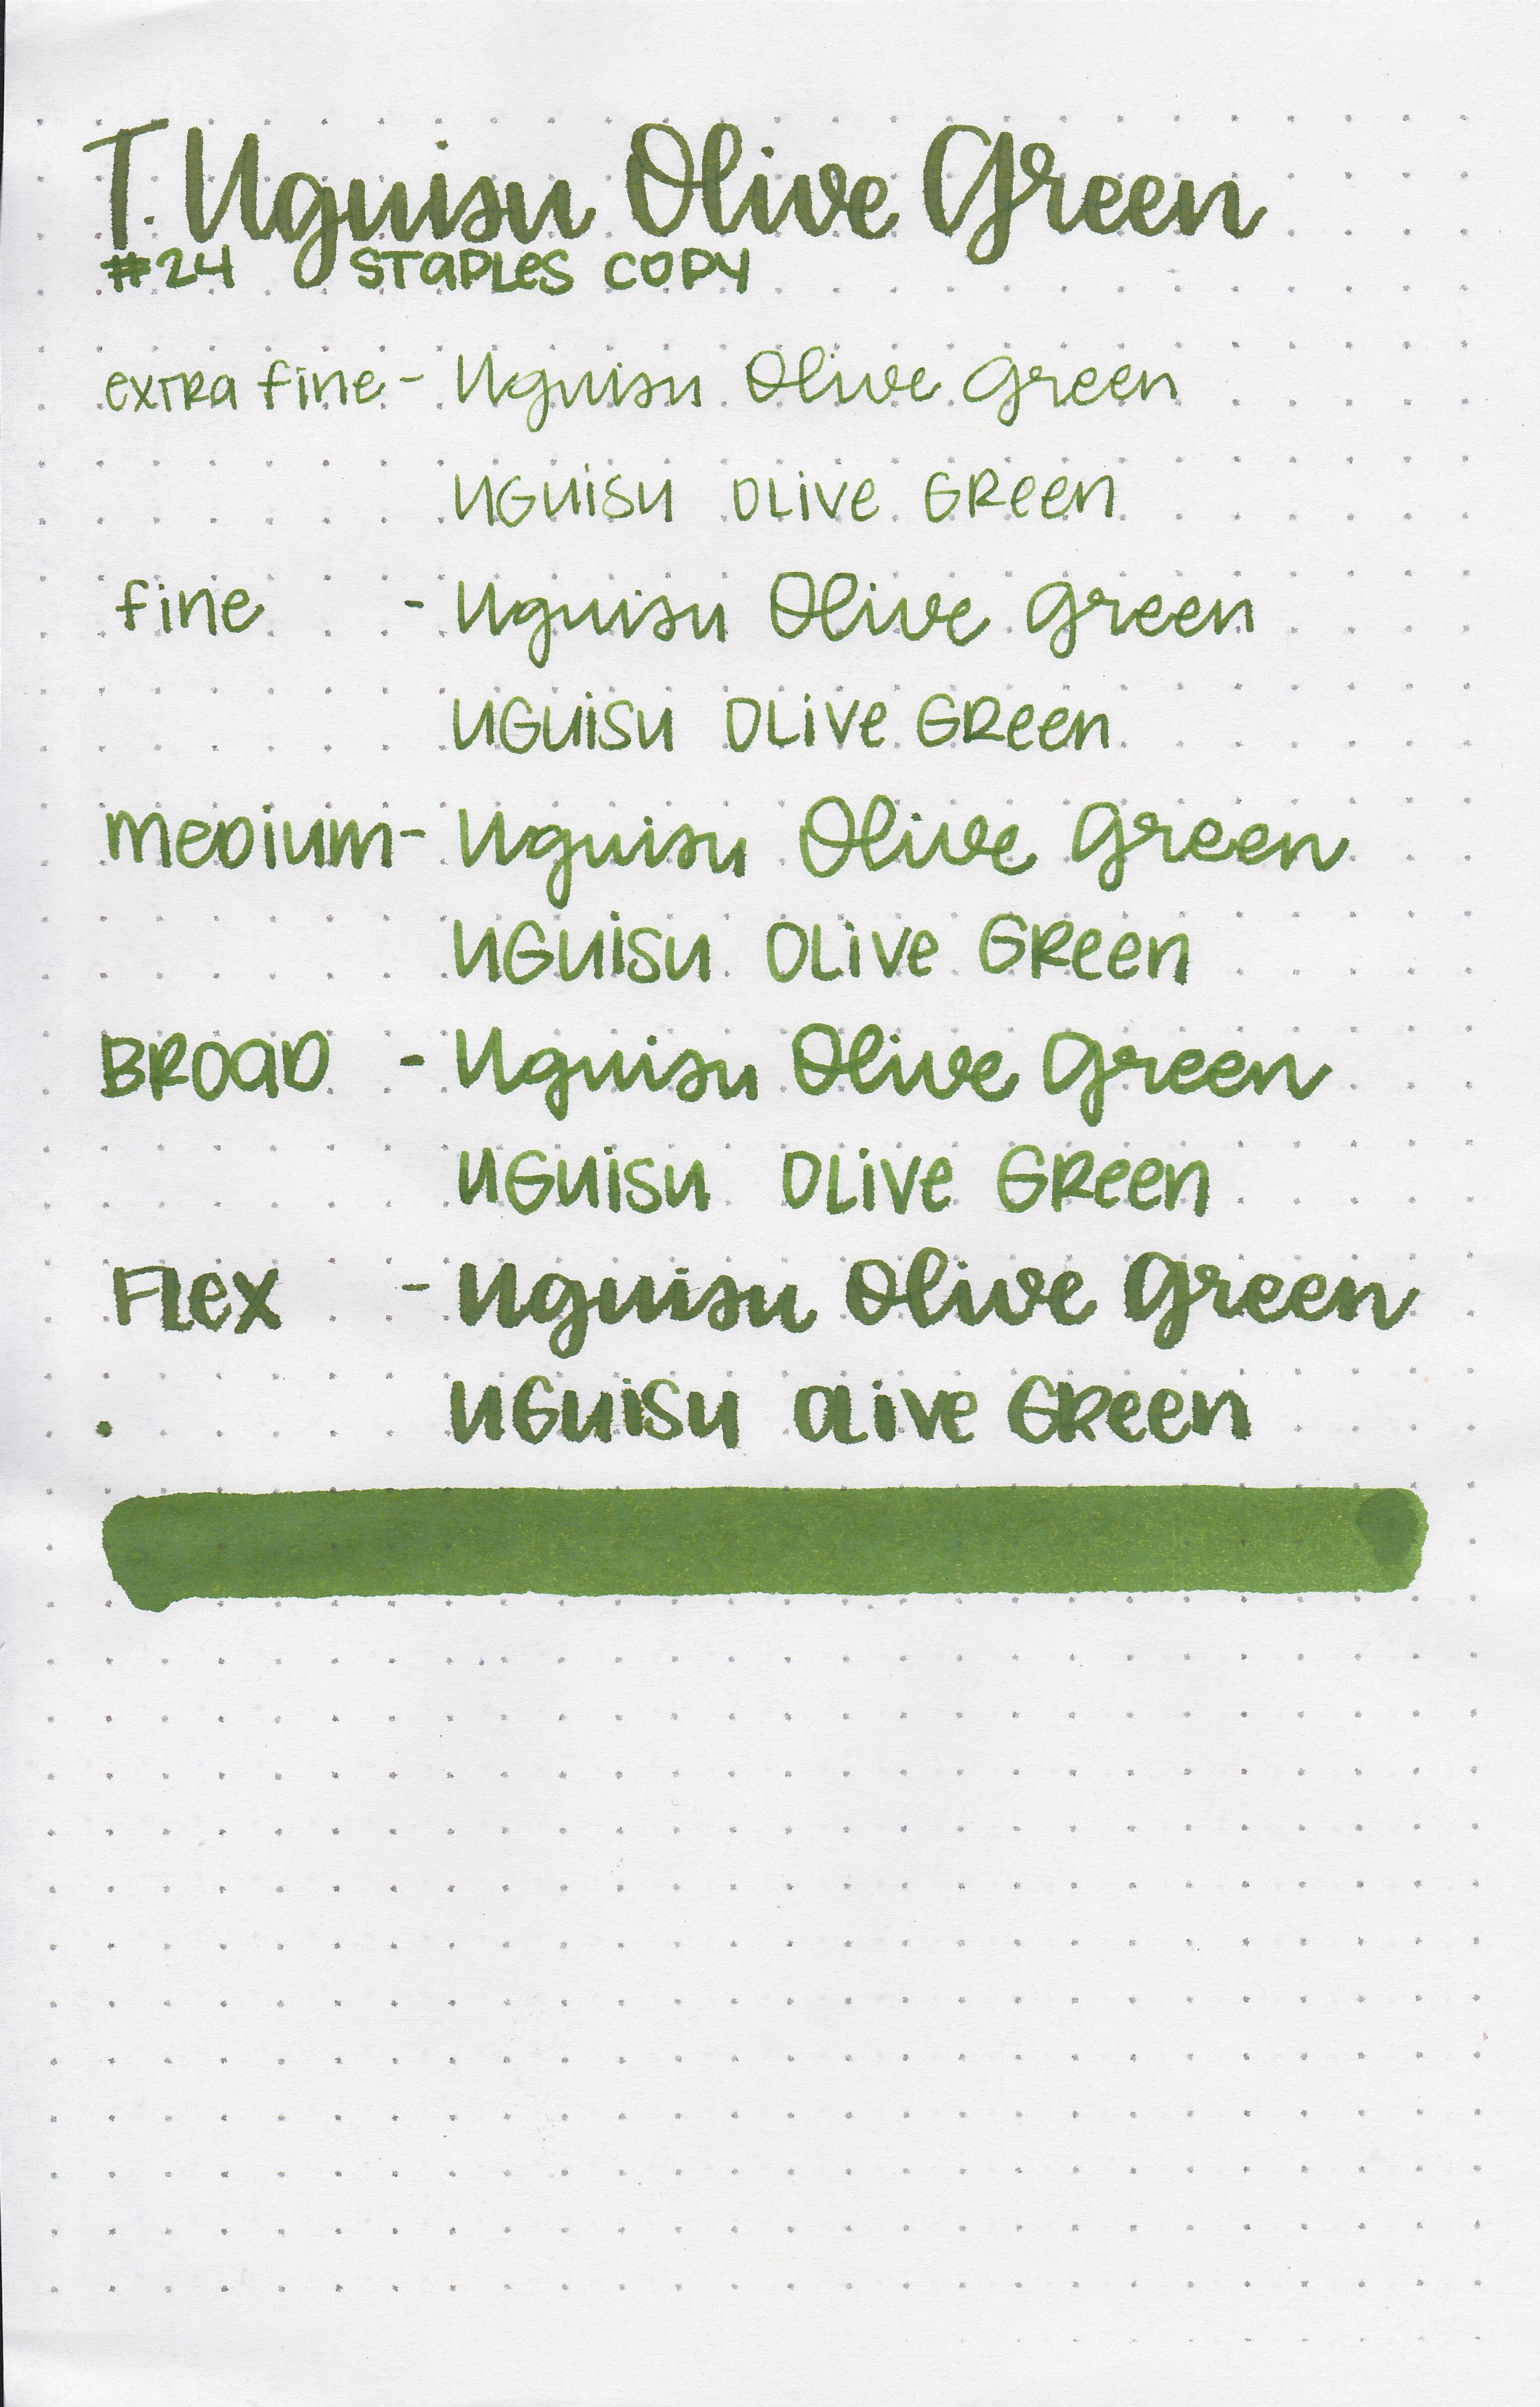 tac-uguisu-olive-green-11.jpg